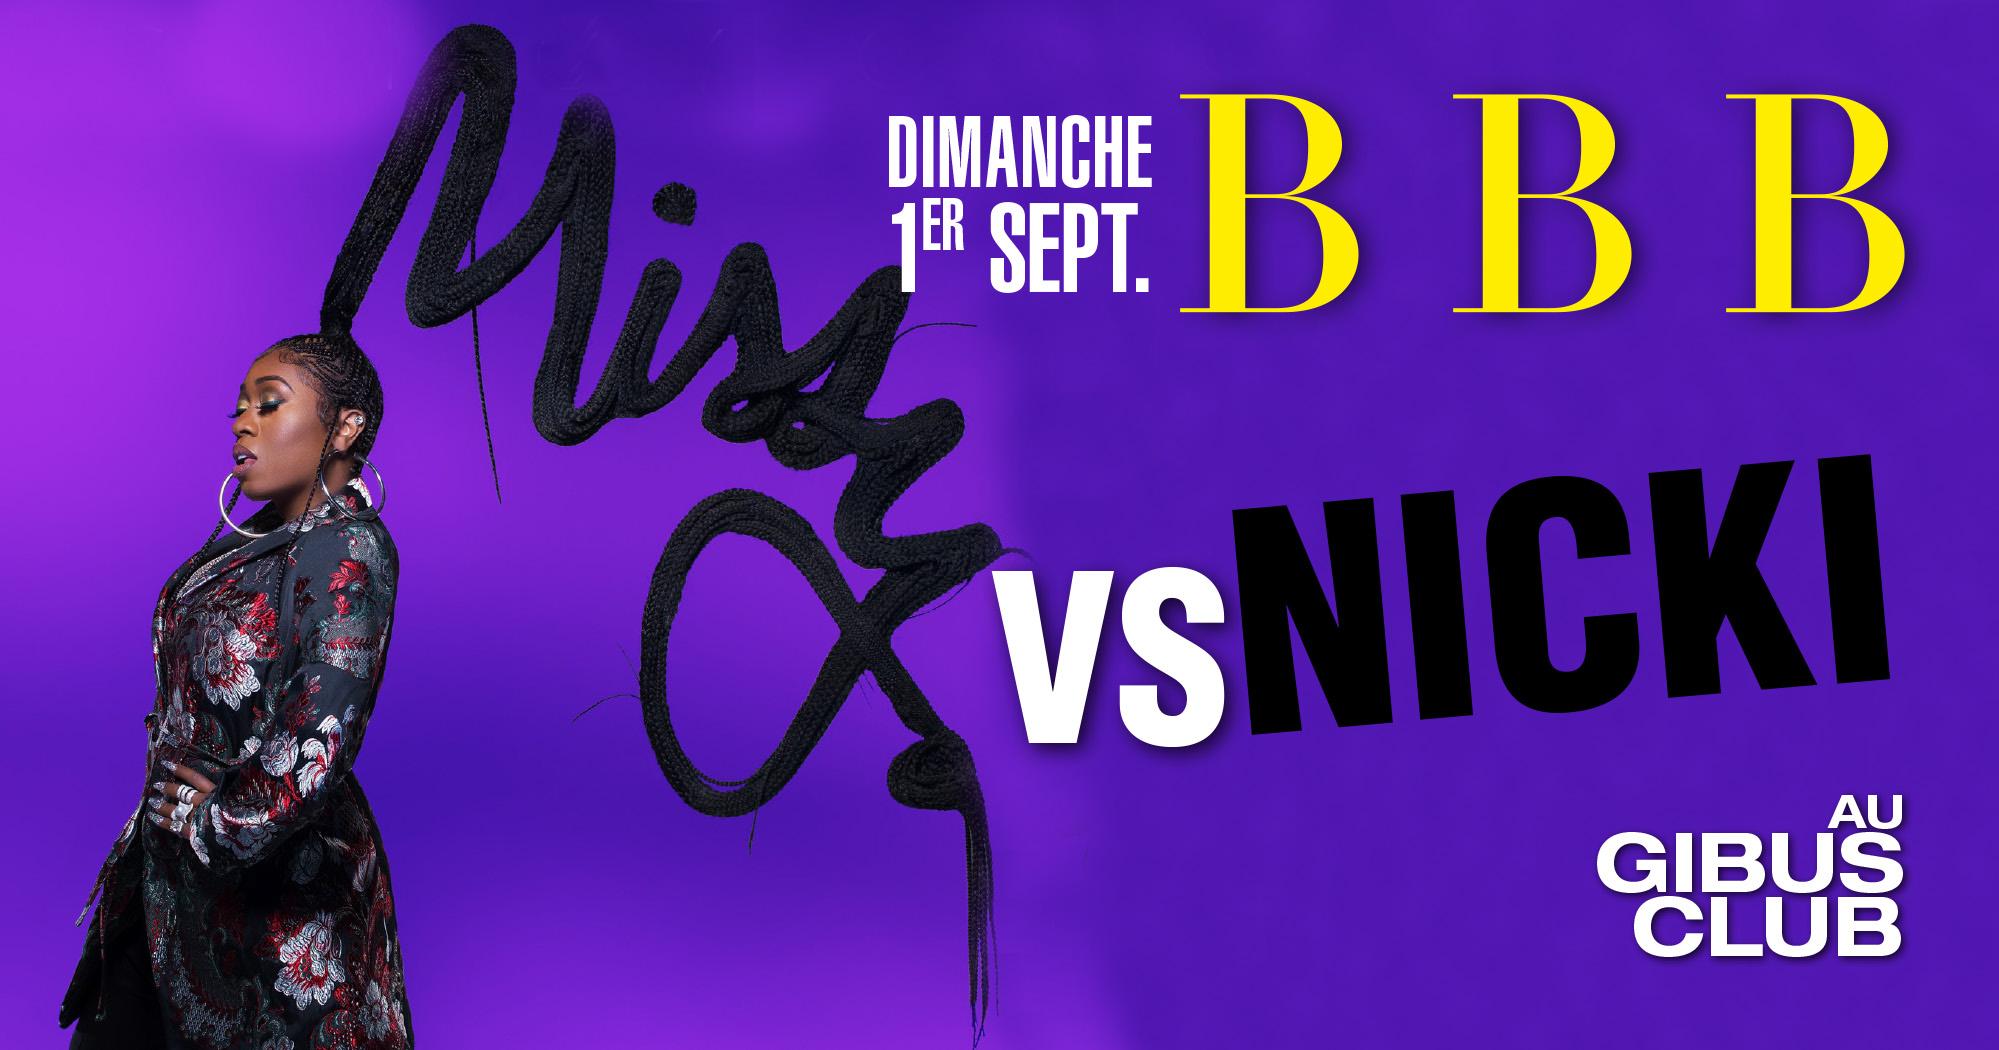 BBB 01.09.19 MISSY VS NICKY.jpg